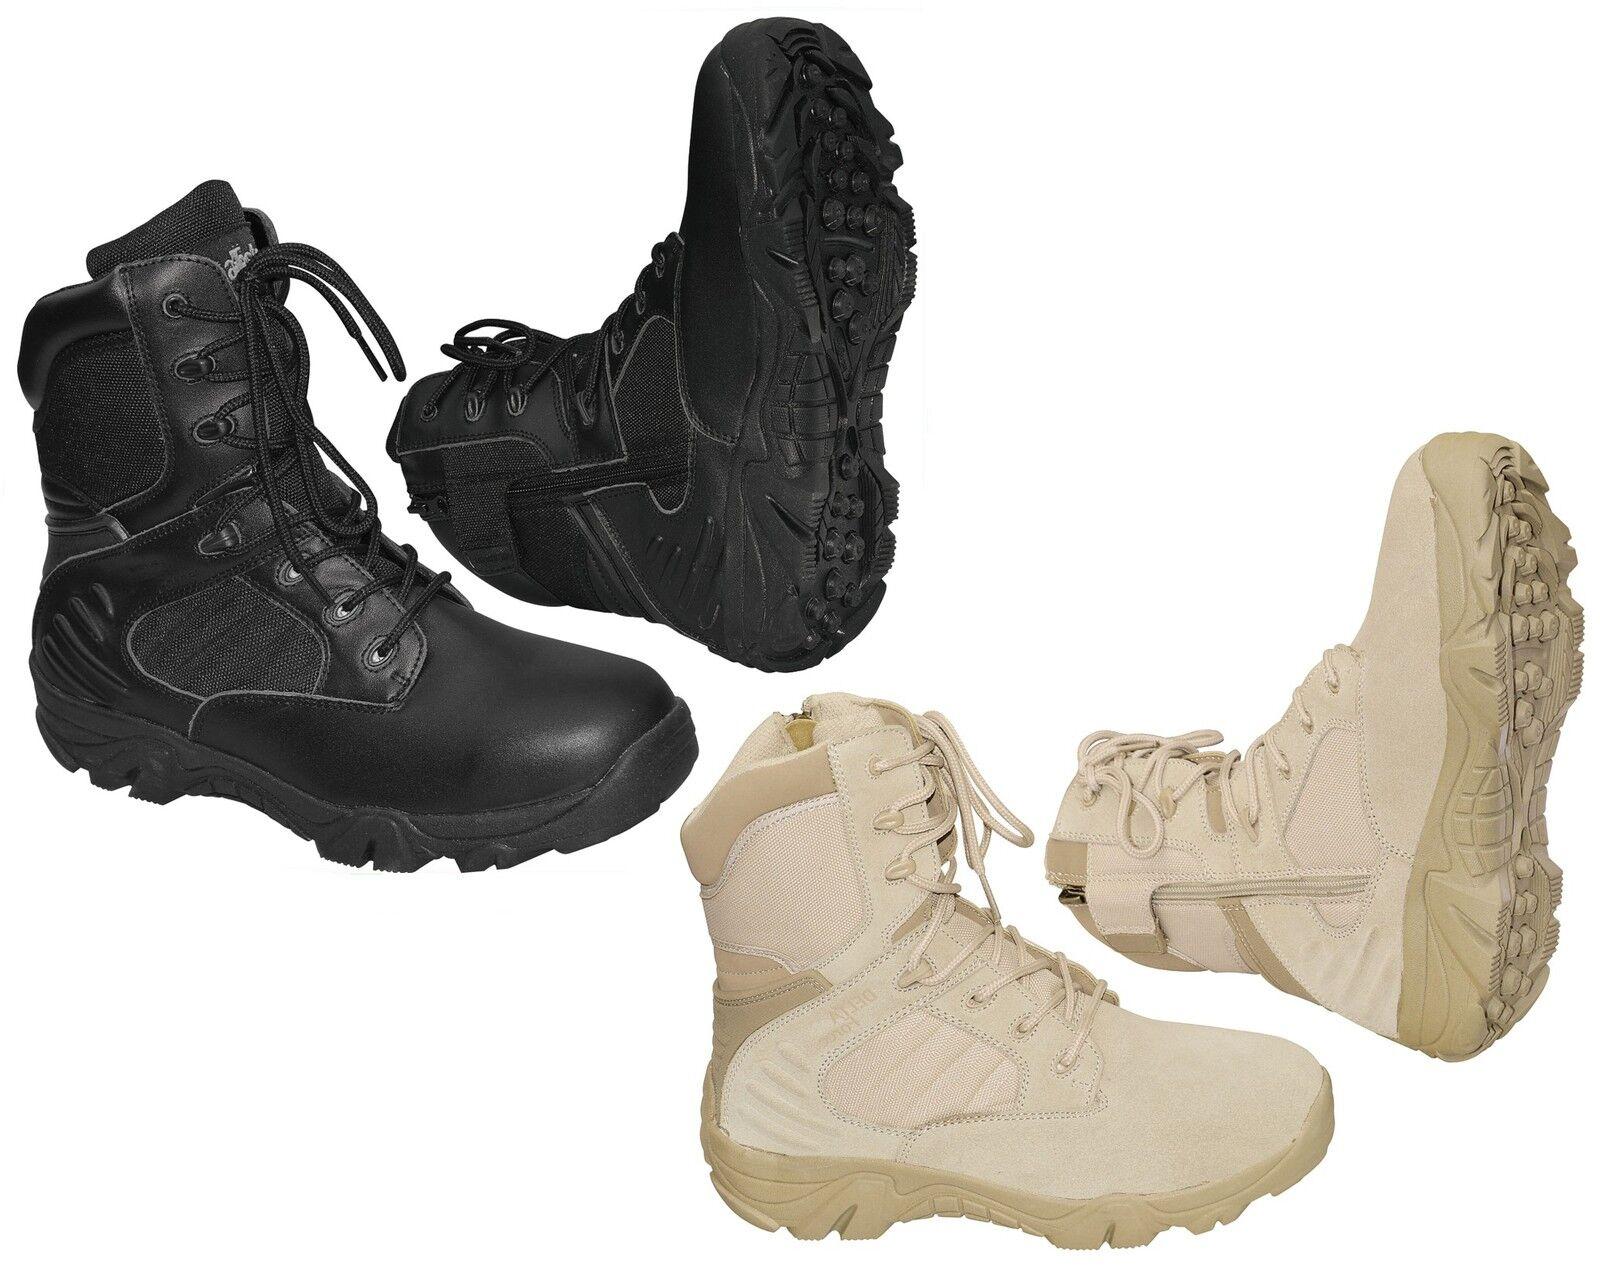 Outdoor Boots Springer Army Stivali escursioni a piedi-Stivali Stivali combattimento Army Springer Delta Force f3e0b6